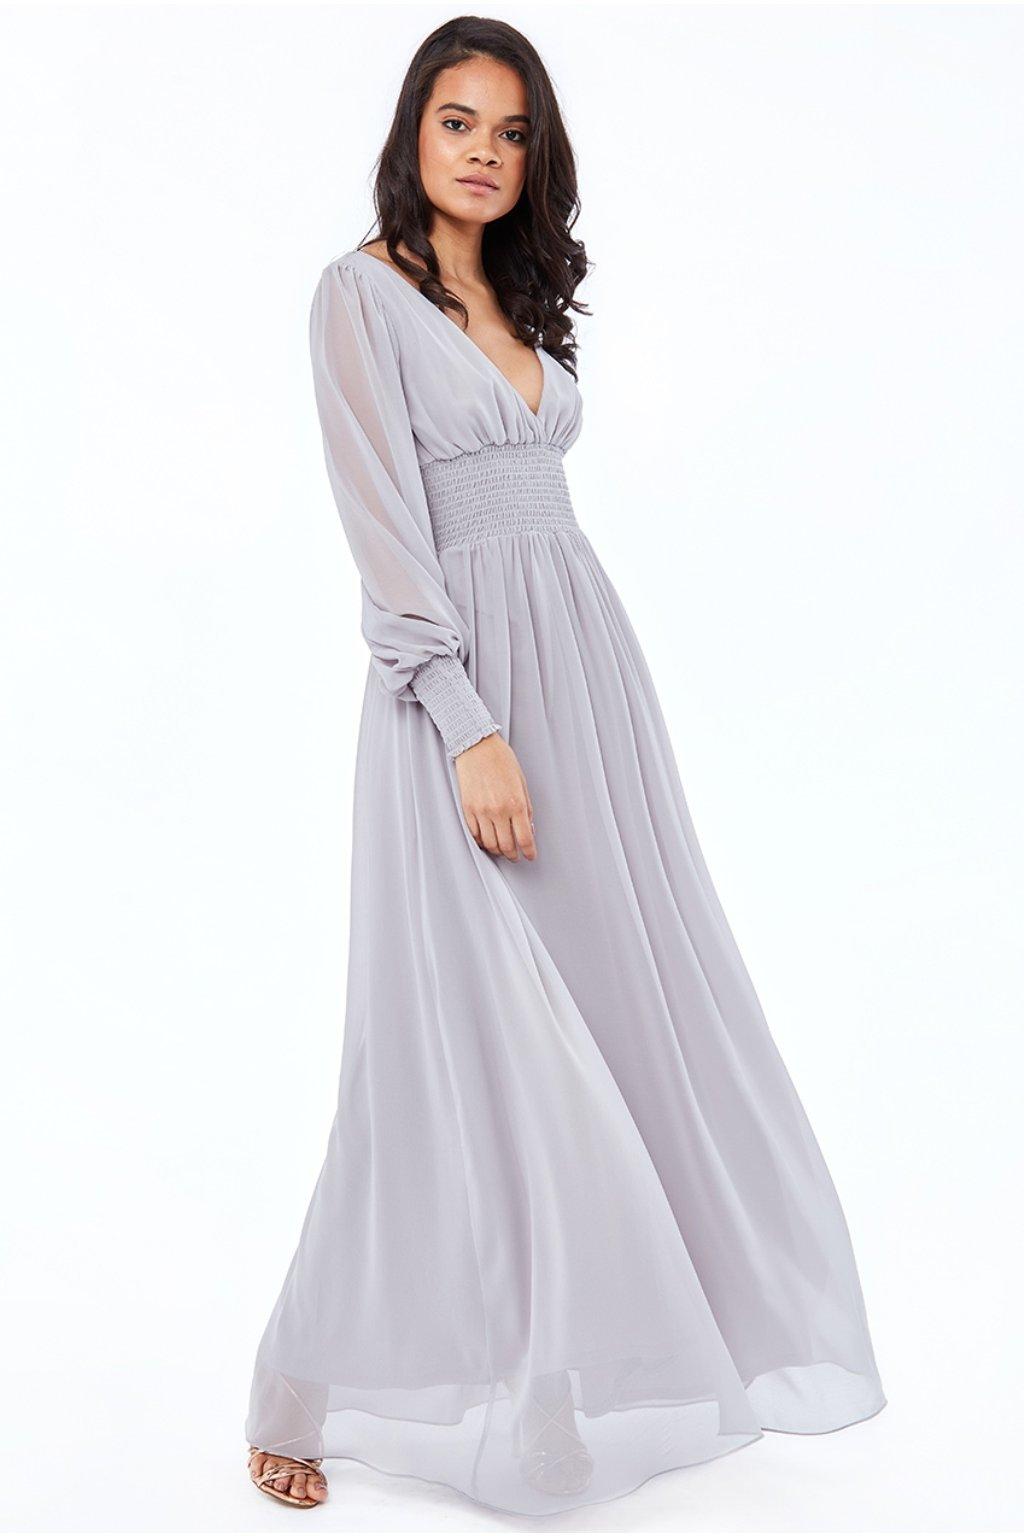 Sivé šifónové šaty s dlhými rukávmi